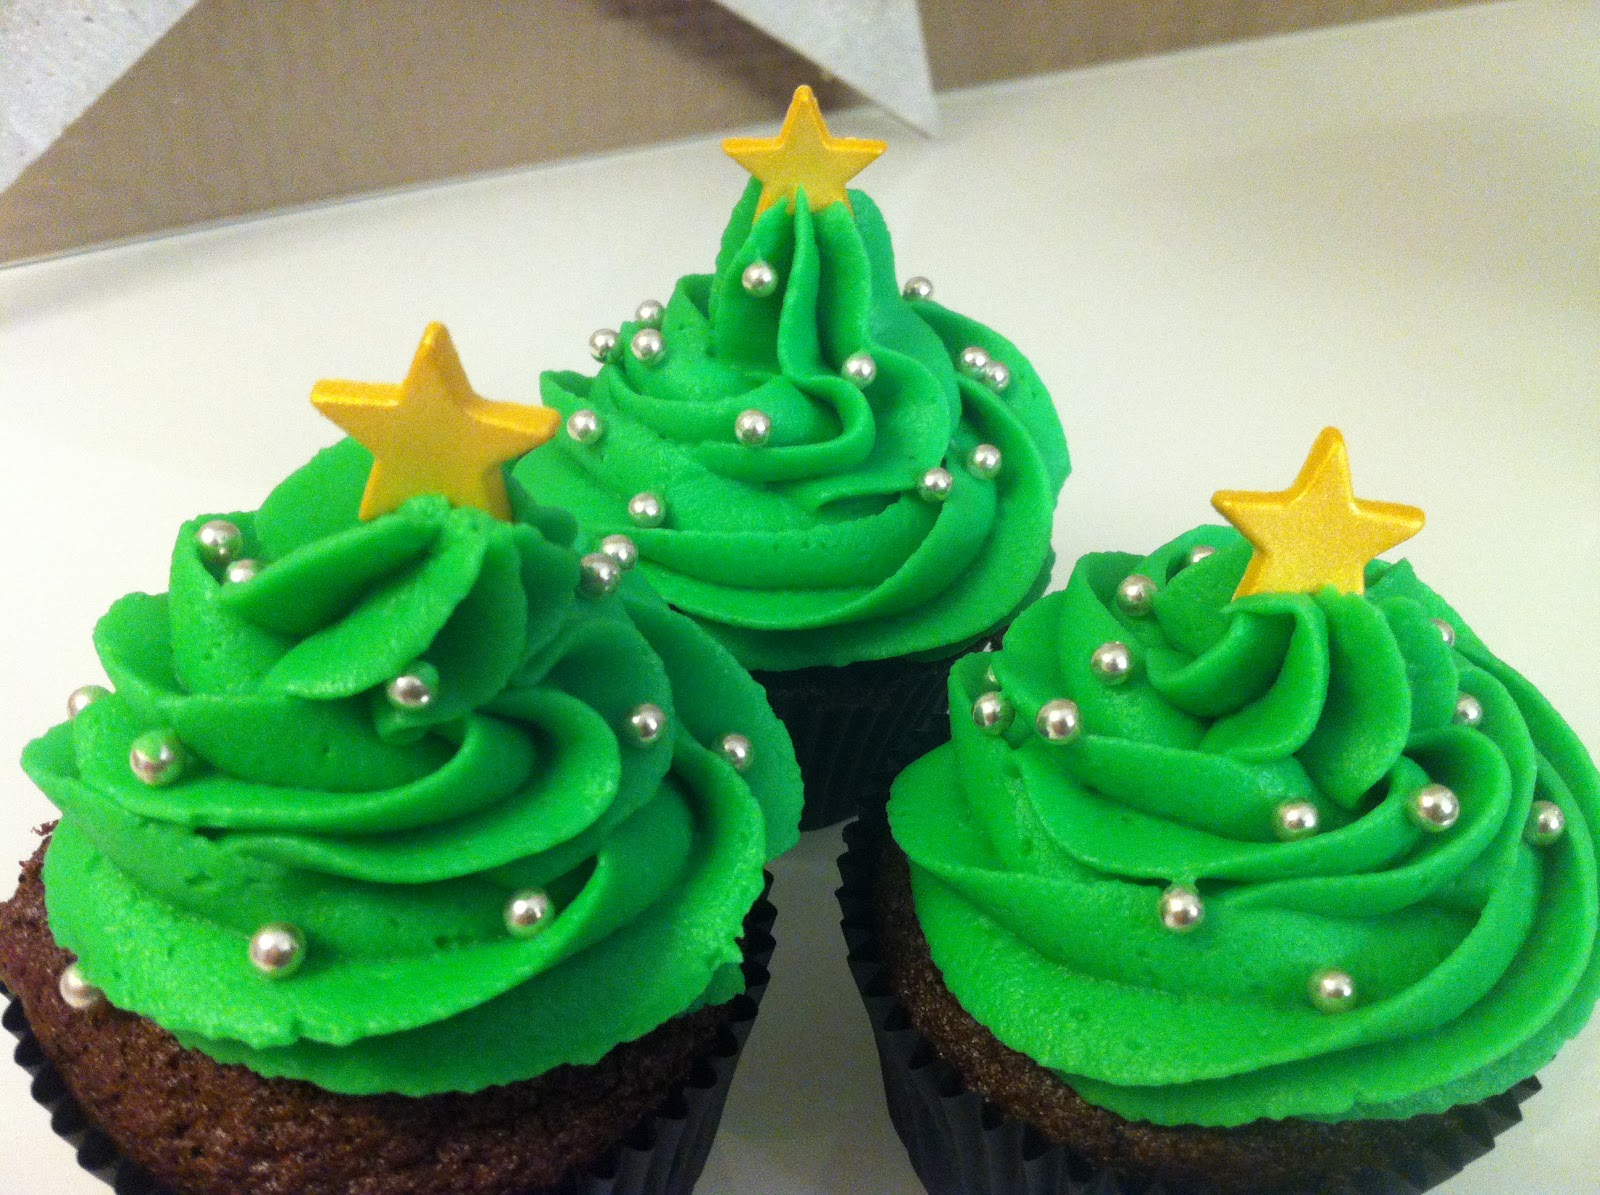 dancing cupcakes weihnachtsbaum und weihnachtsmann cupcakes. Black Bedroom Furniture Sets. Home Design Ideas